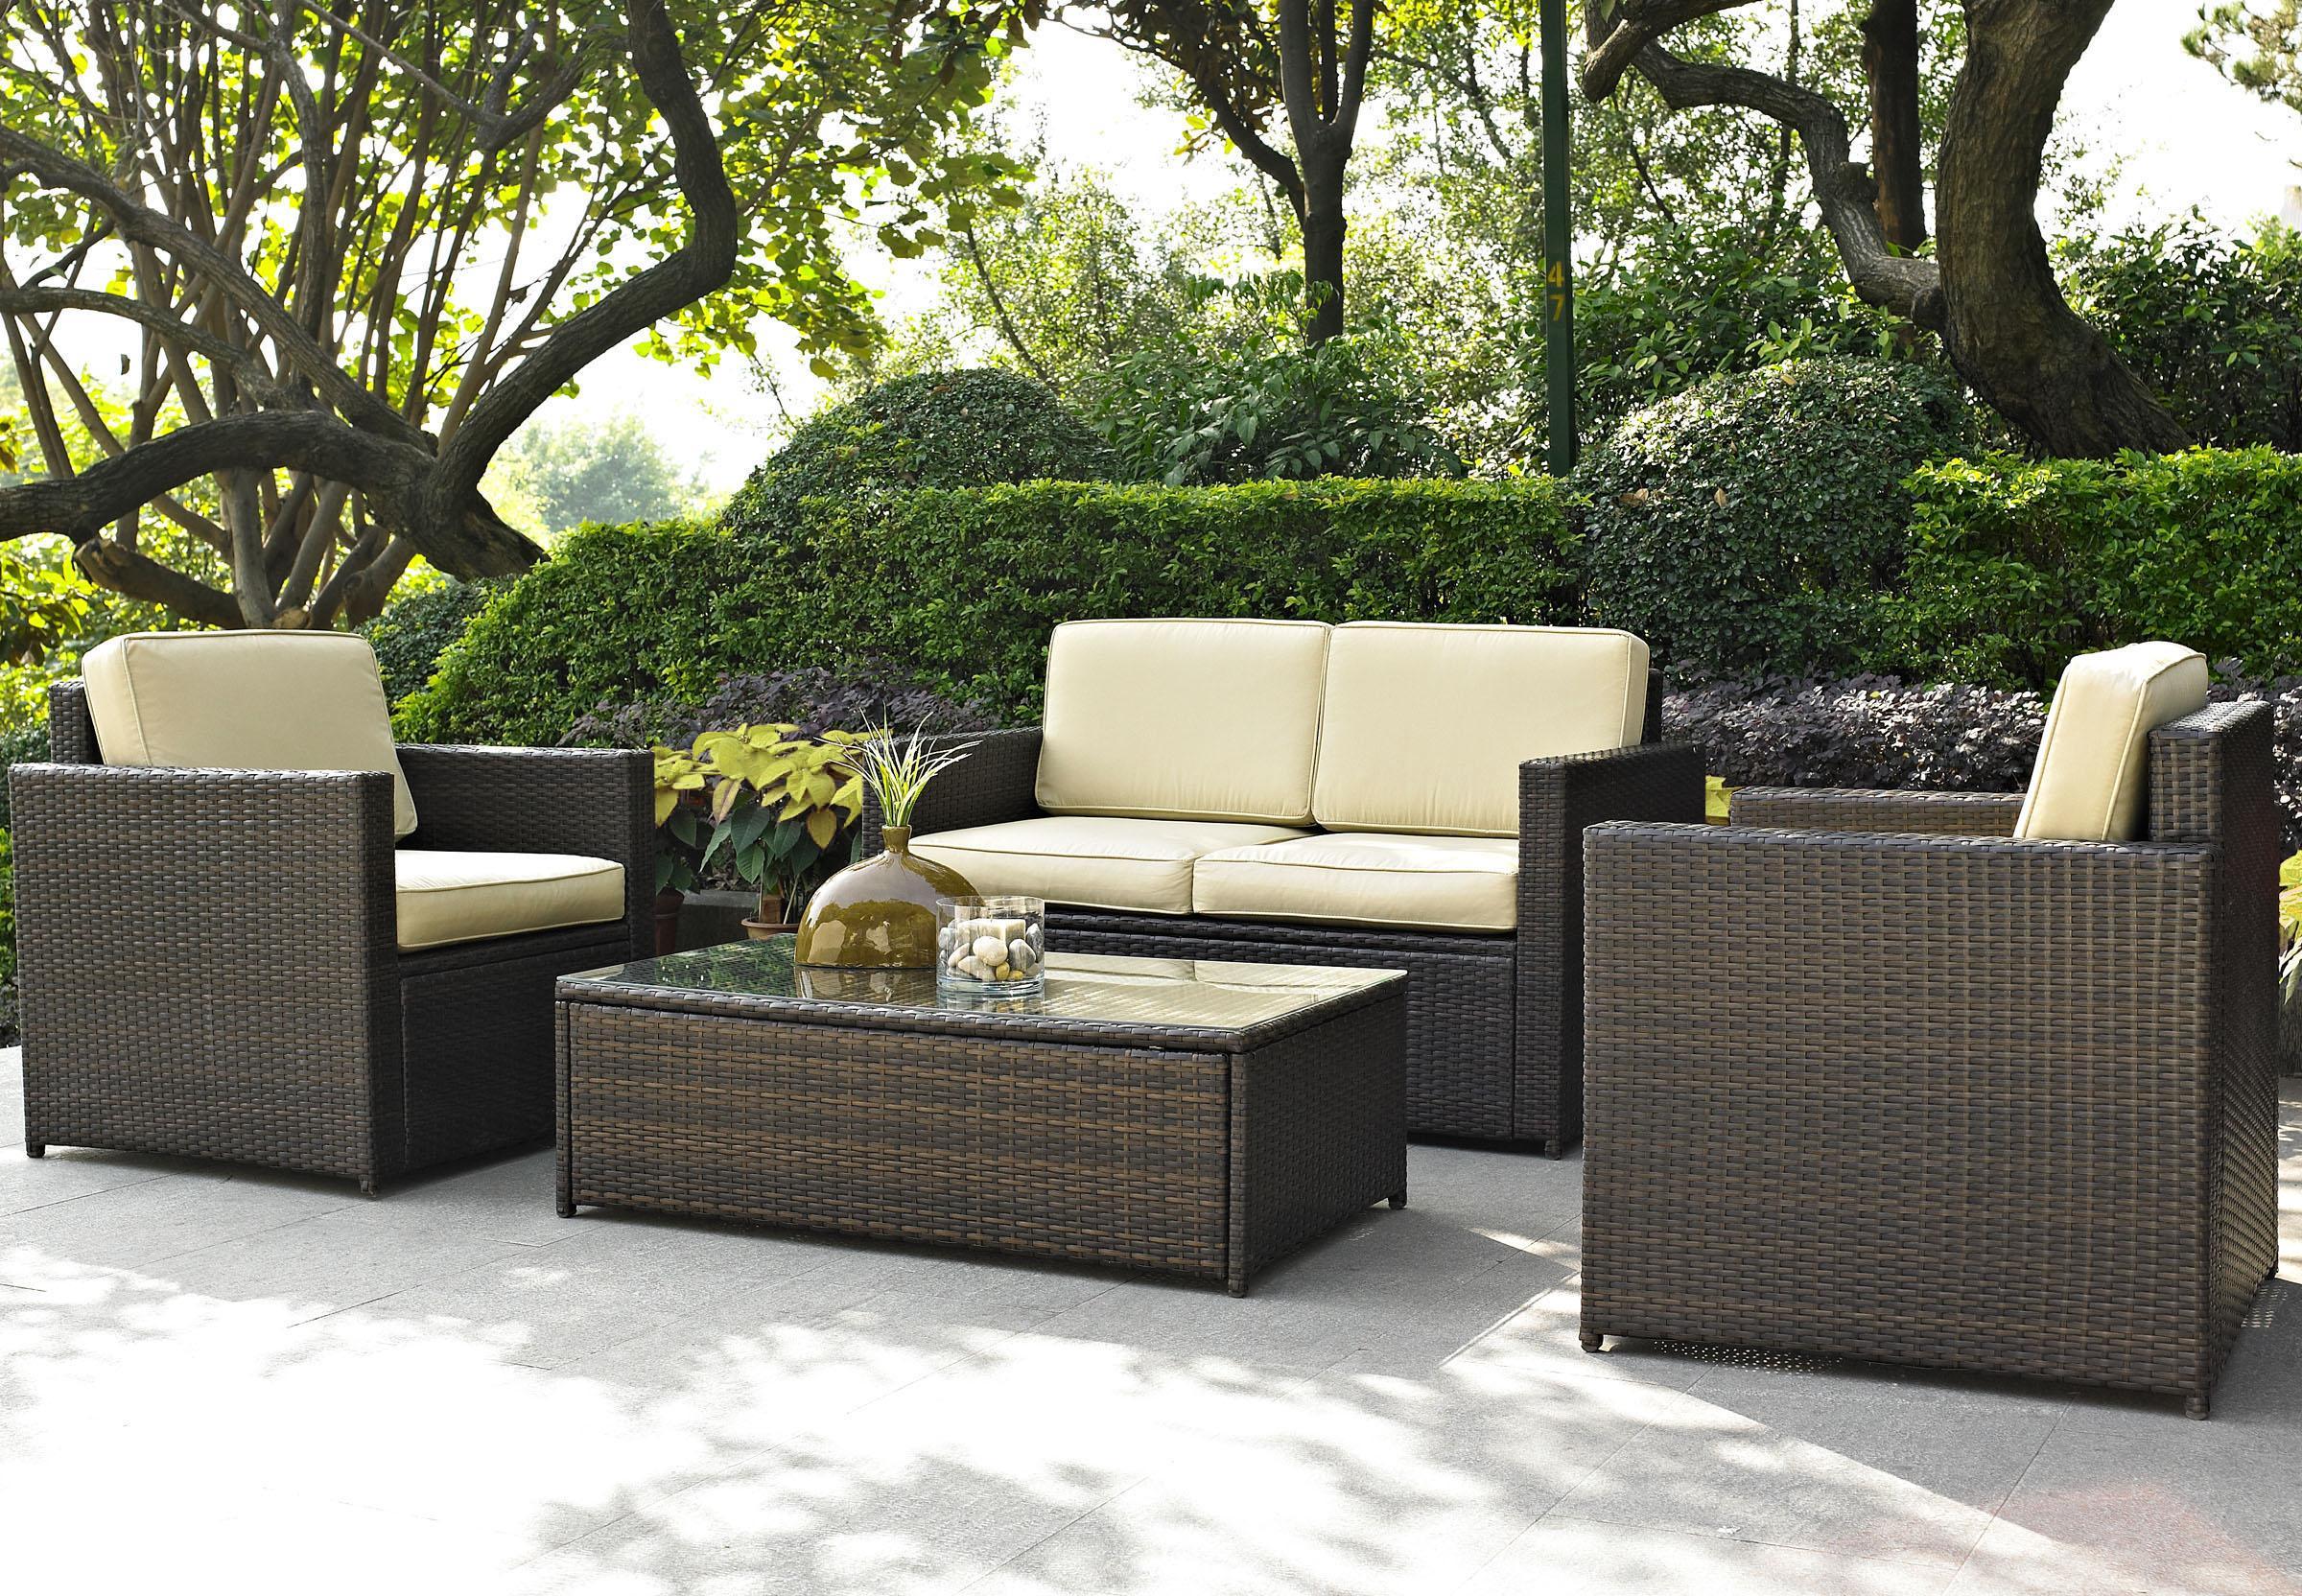 Full size rattan garden furniture for the garden round rattan garden furniture sets outdoor rattan QUDSKAN